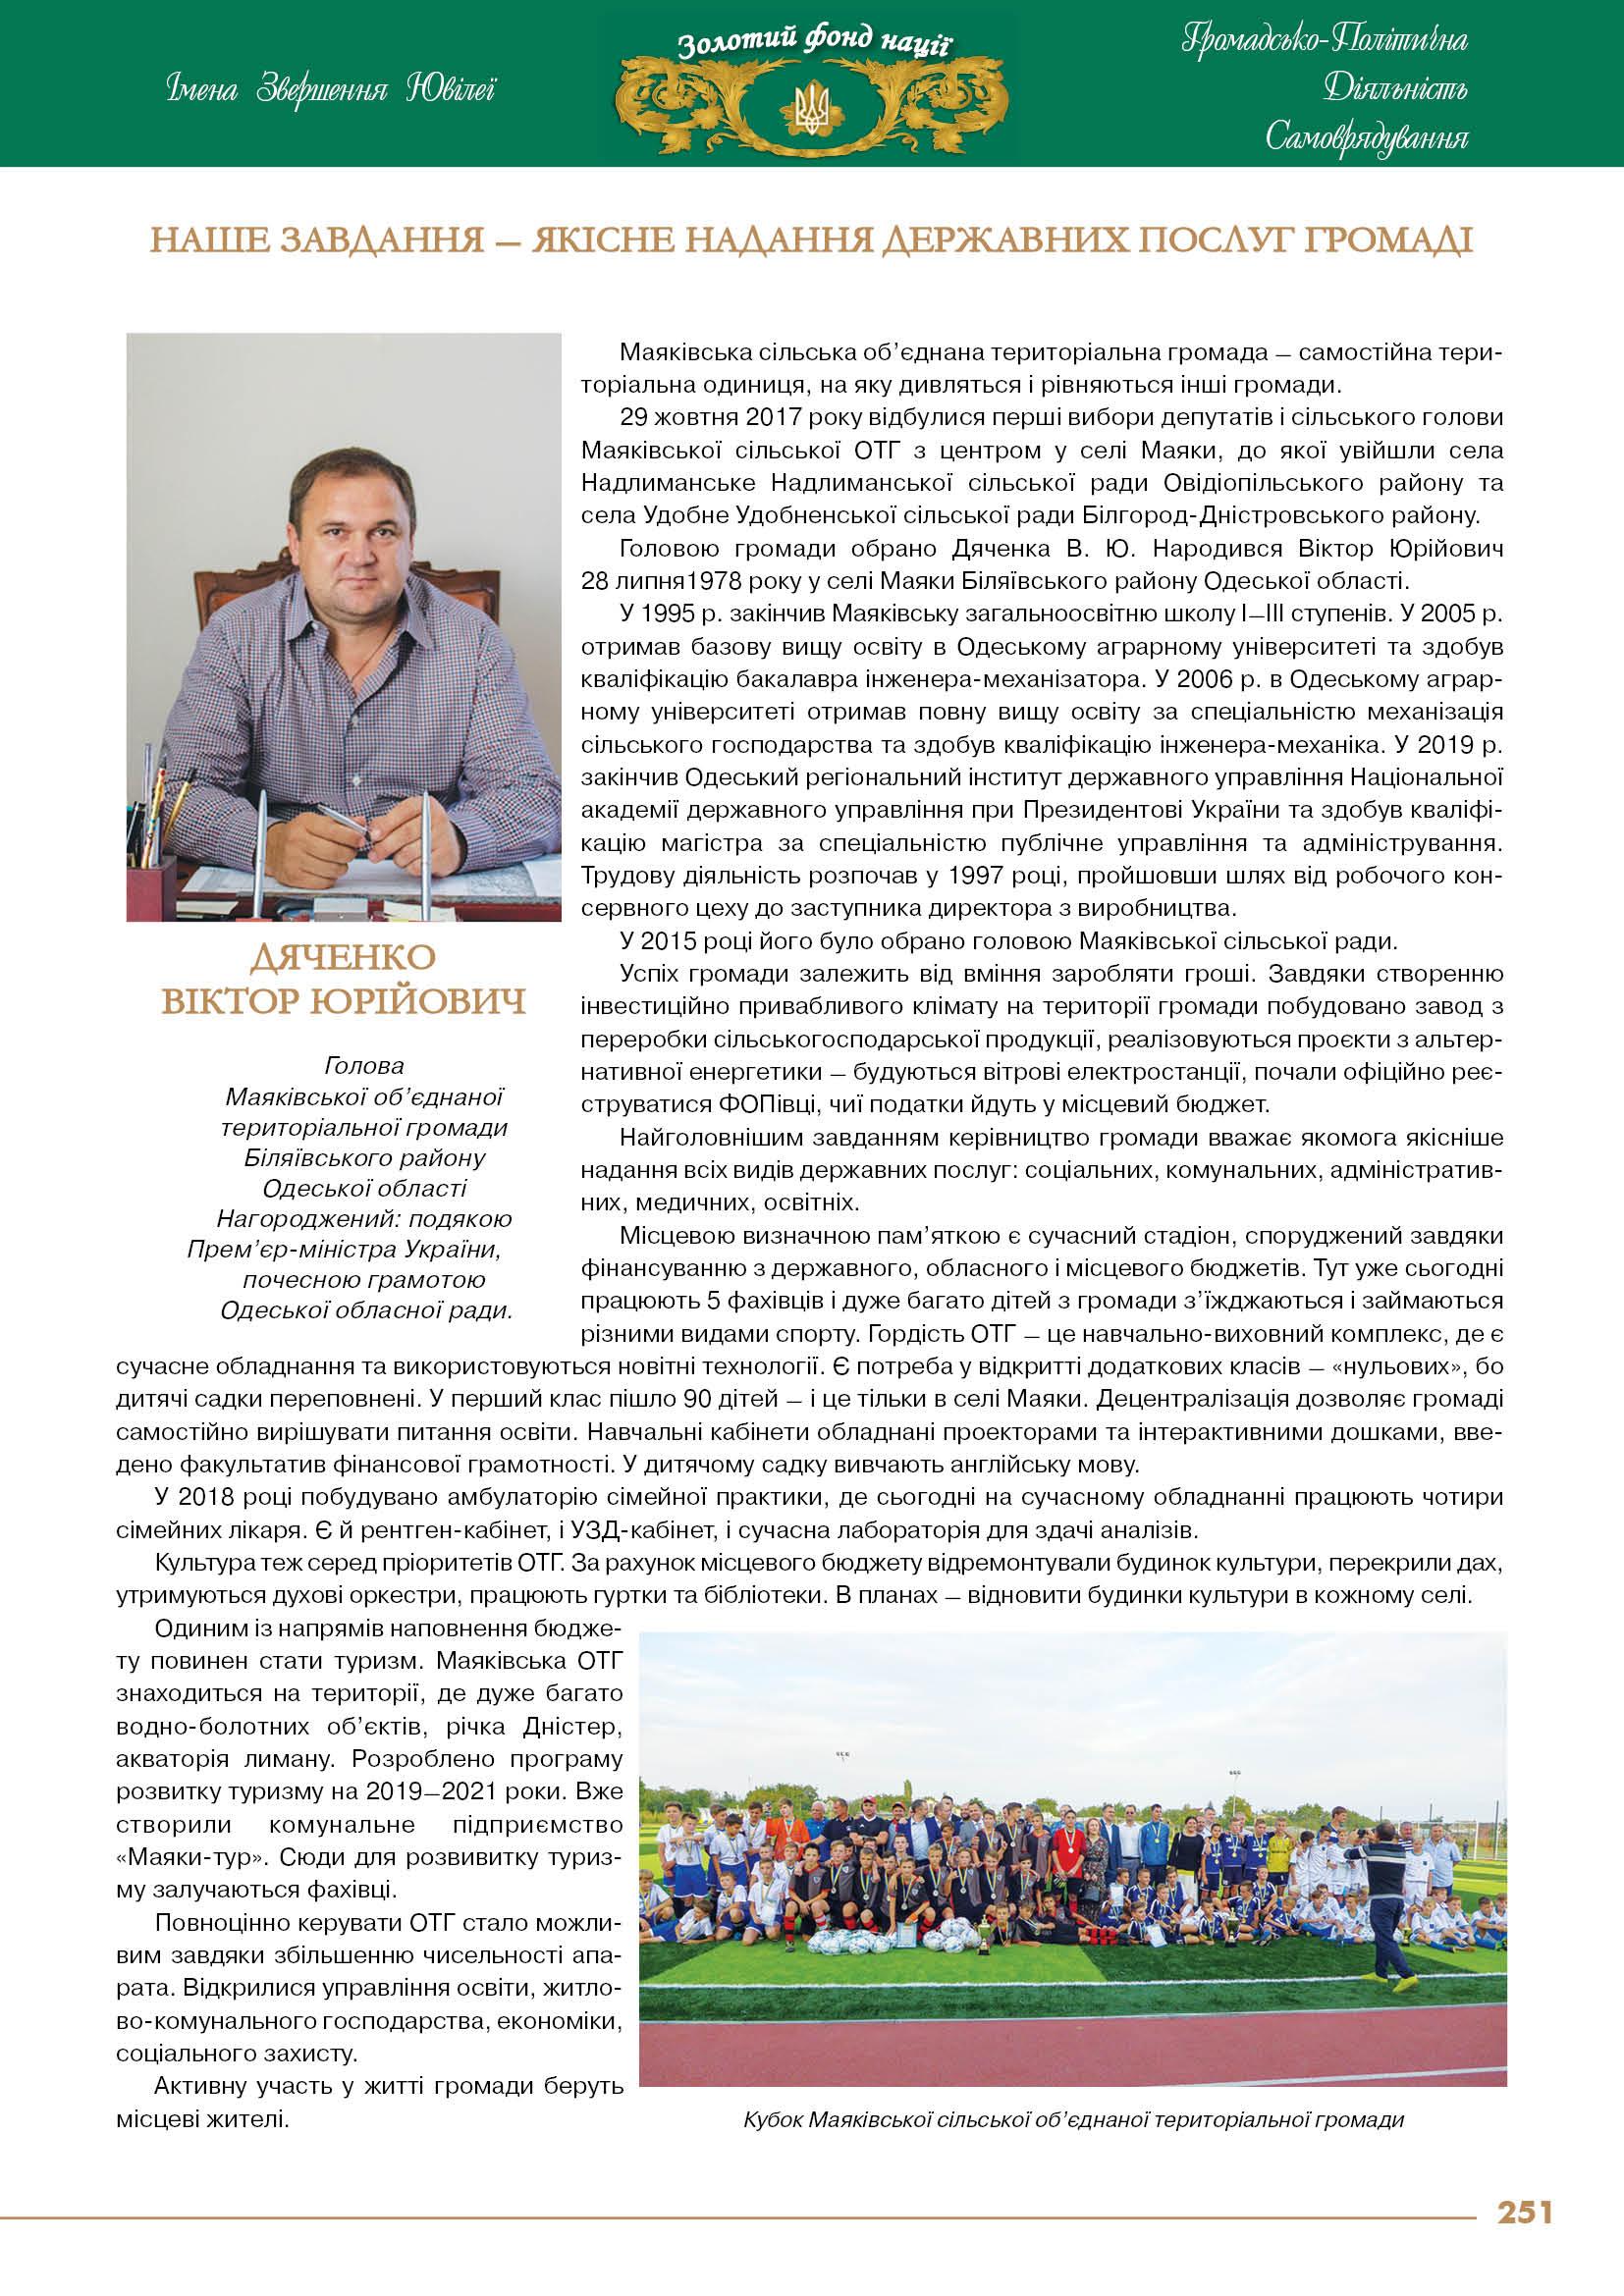 Дяченко Віктор Юрійович